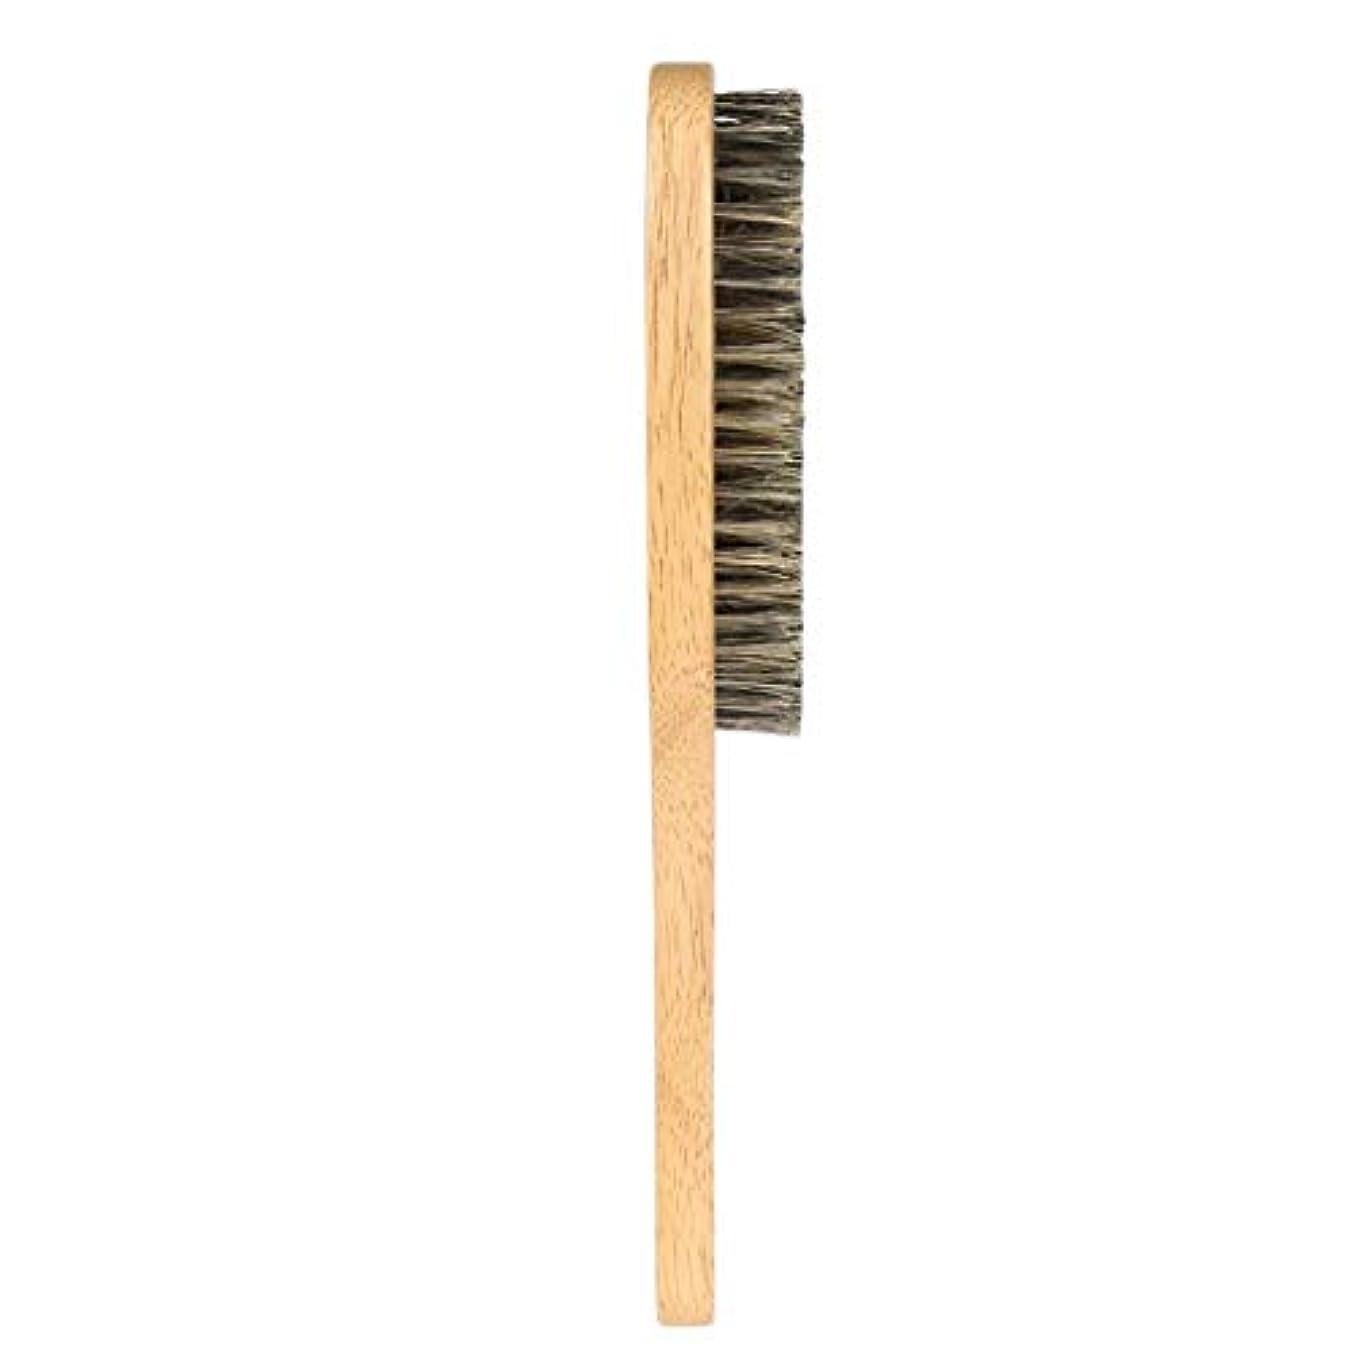 振動するしない女王Toygogo 男性合成繊維ひげ口ひげブラシ顔毛シェービングブラシw/ハンドル